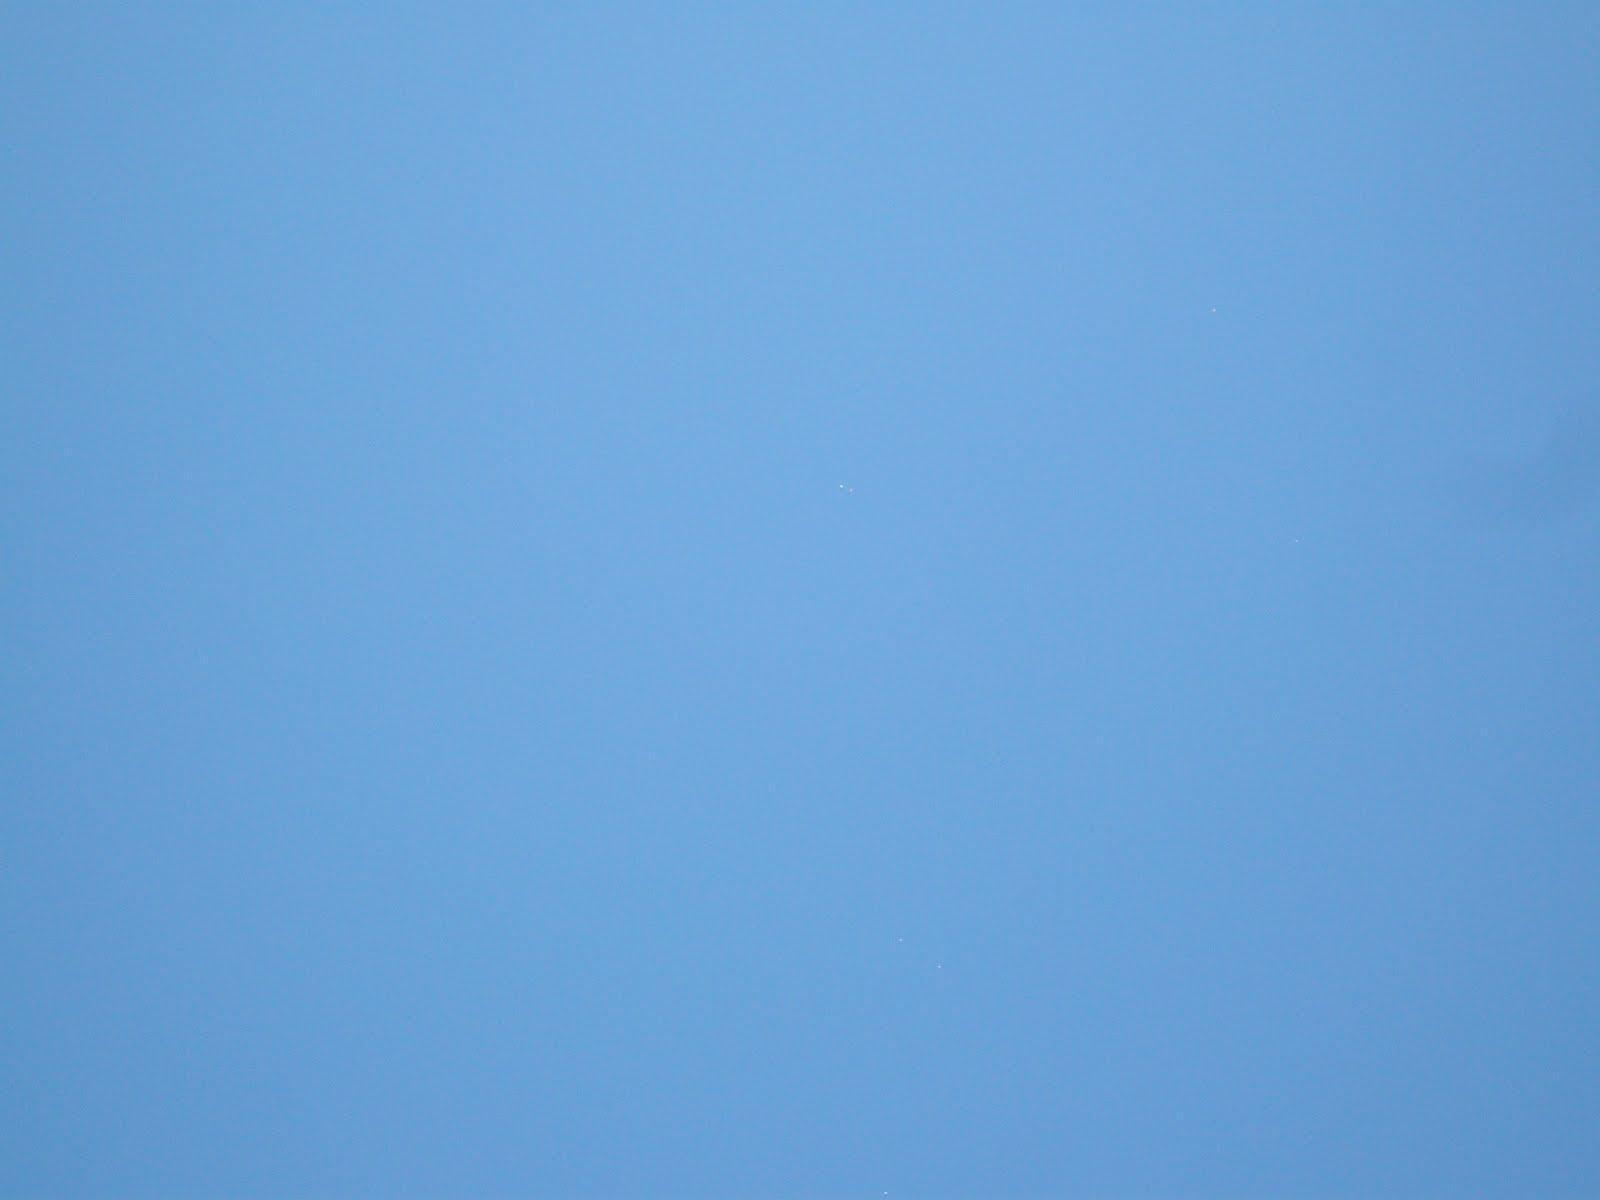 BAGHERIA FLOTTILLAS UFO 03.07.2010 BAGHERIA-PALERMO-SICILIA-ITALIA-03.07.2010 ORE 12.00 CIRCA FONTE LOREDANA DAINO-SI VEDONO 7 SFERE CON COLORAZIONI DIFFERENTI